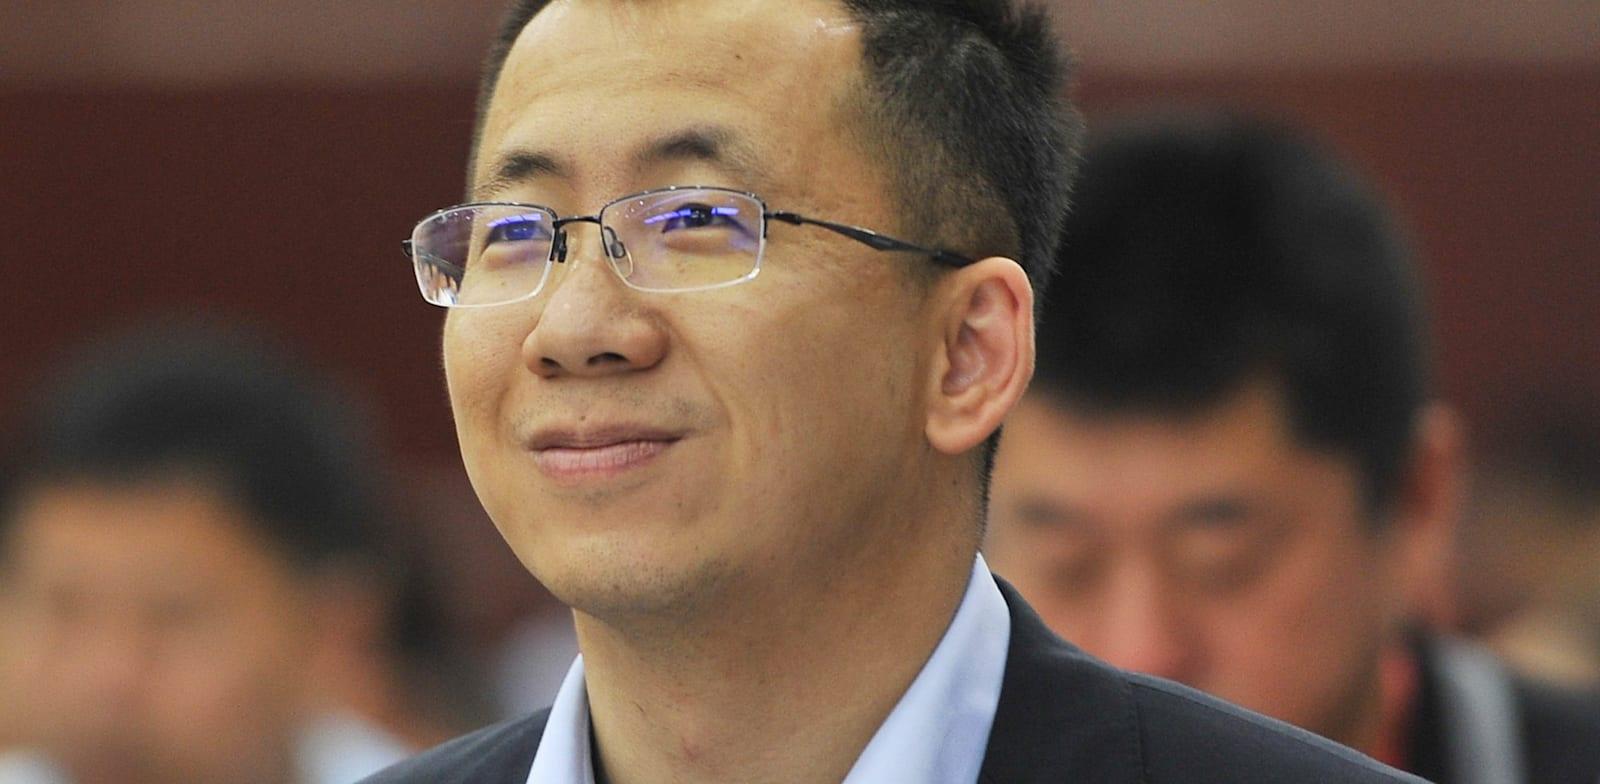 ג'אנג יימינג / צילום: Reuters, Zheng shuai